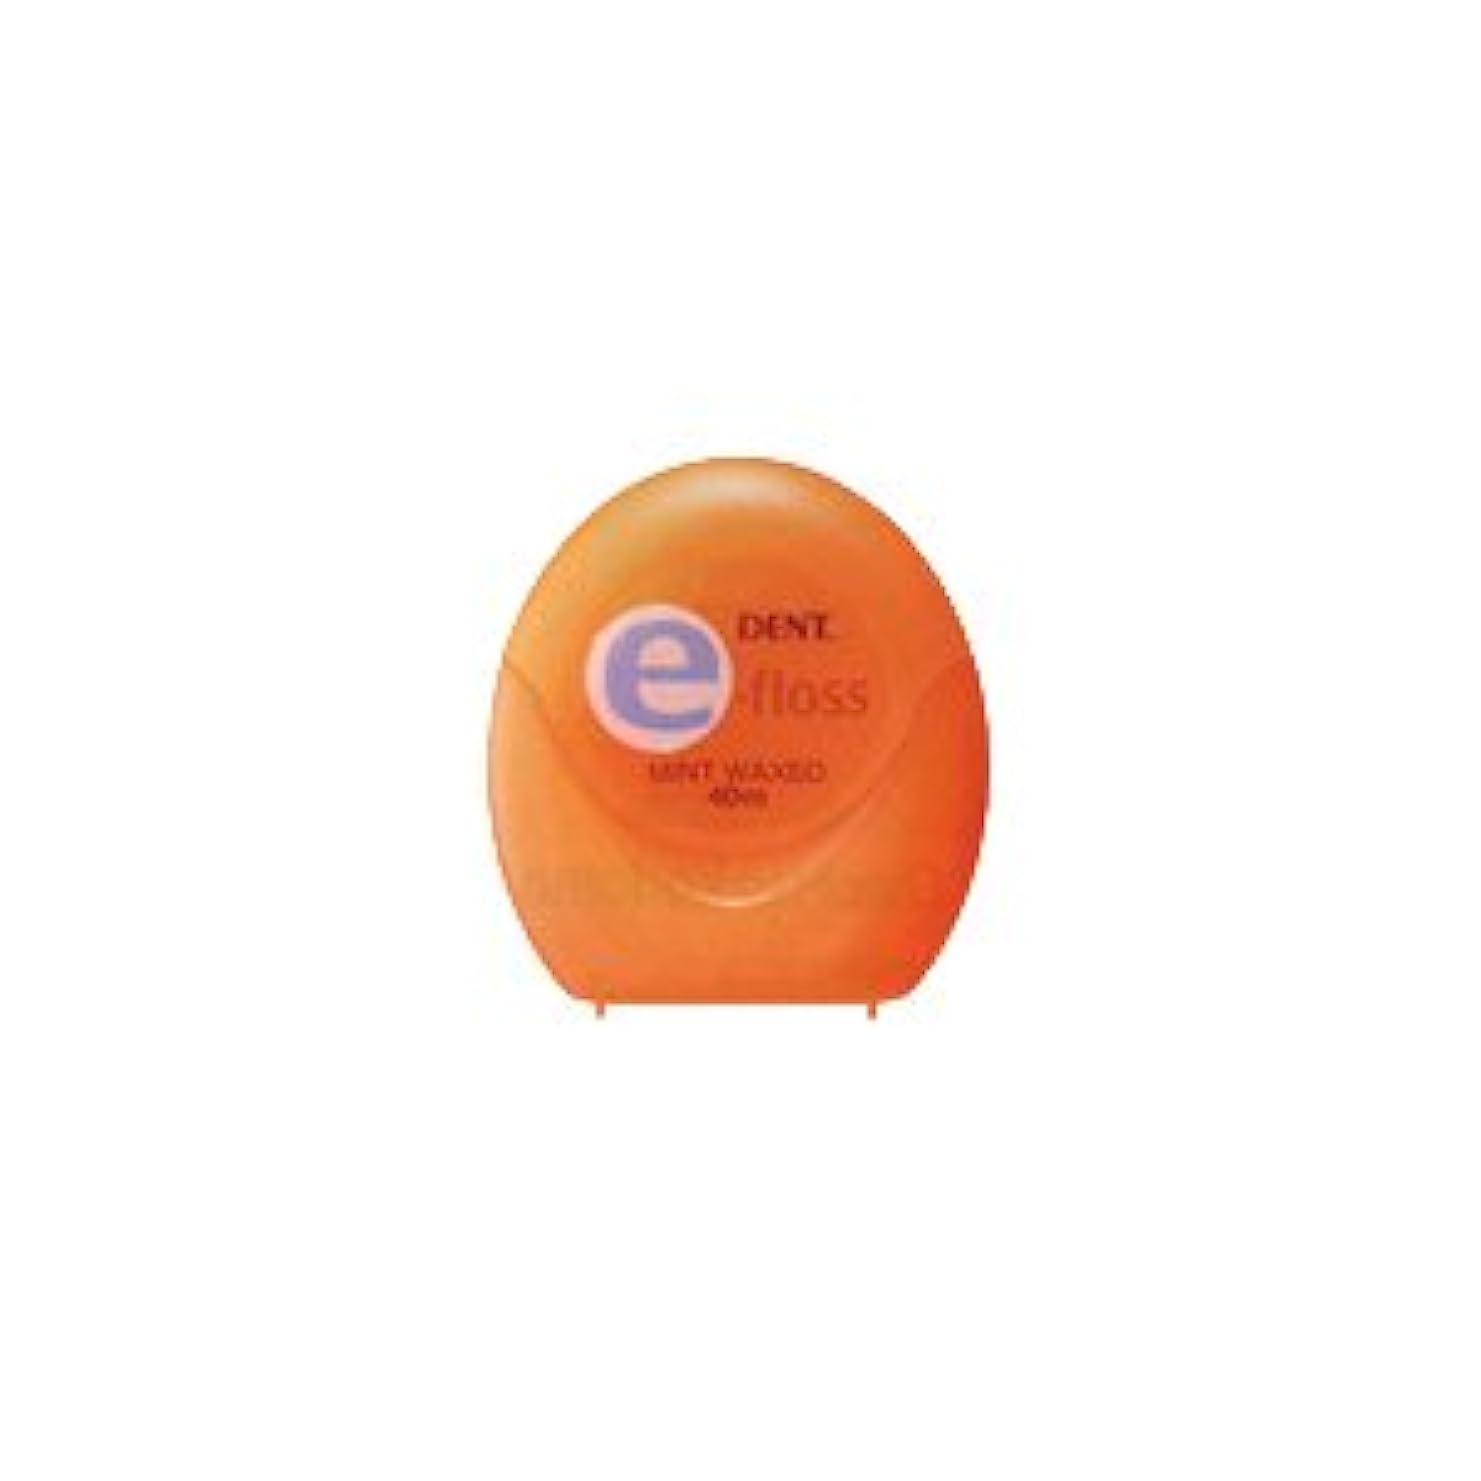 ちっちゃい挨拶ベリーライオン DENT.e-floss デントイーフロス 1個 (オレンジ)